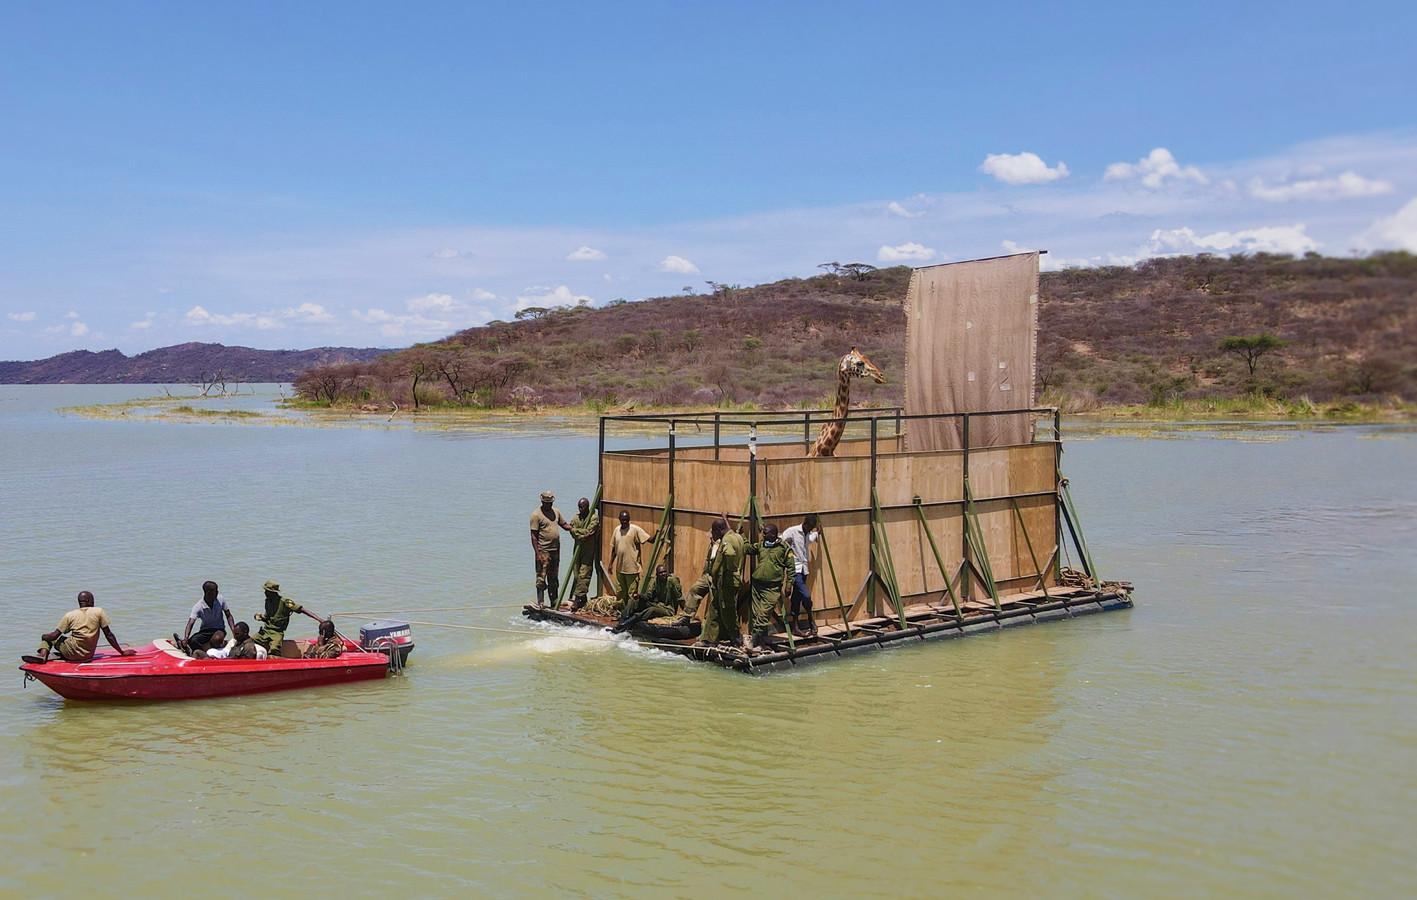 Een bedreigde Rotschildgiraf wordt op een speciale boot, de GiRaft, van het ondergelopen eiland Longicharo naar een reservaat op het vasteland gebracht.